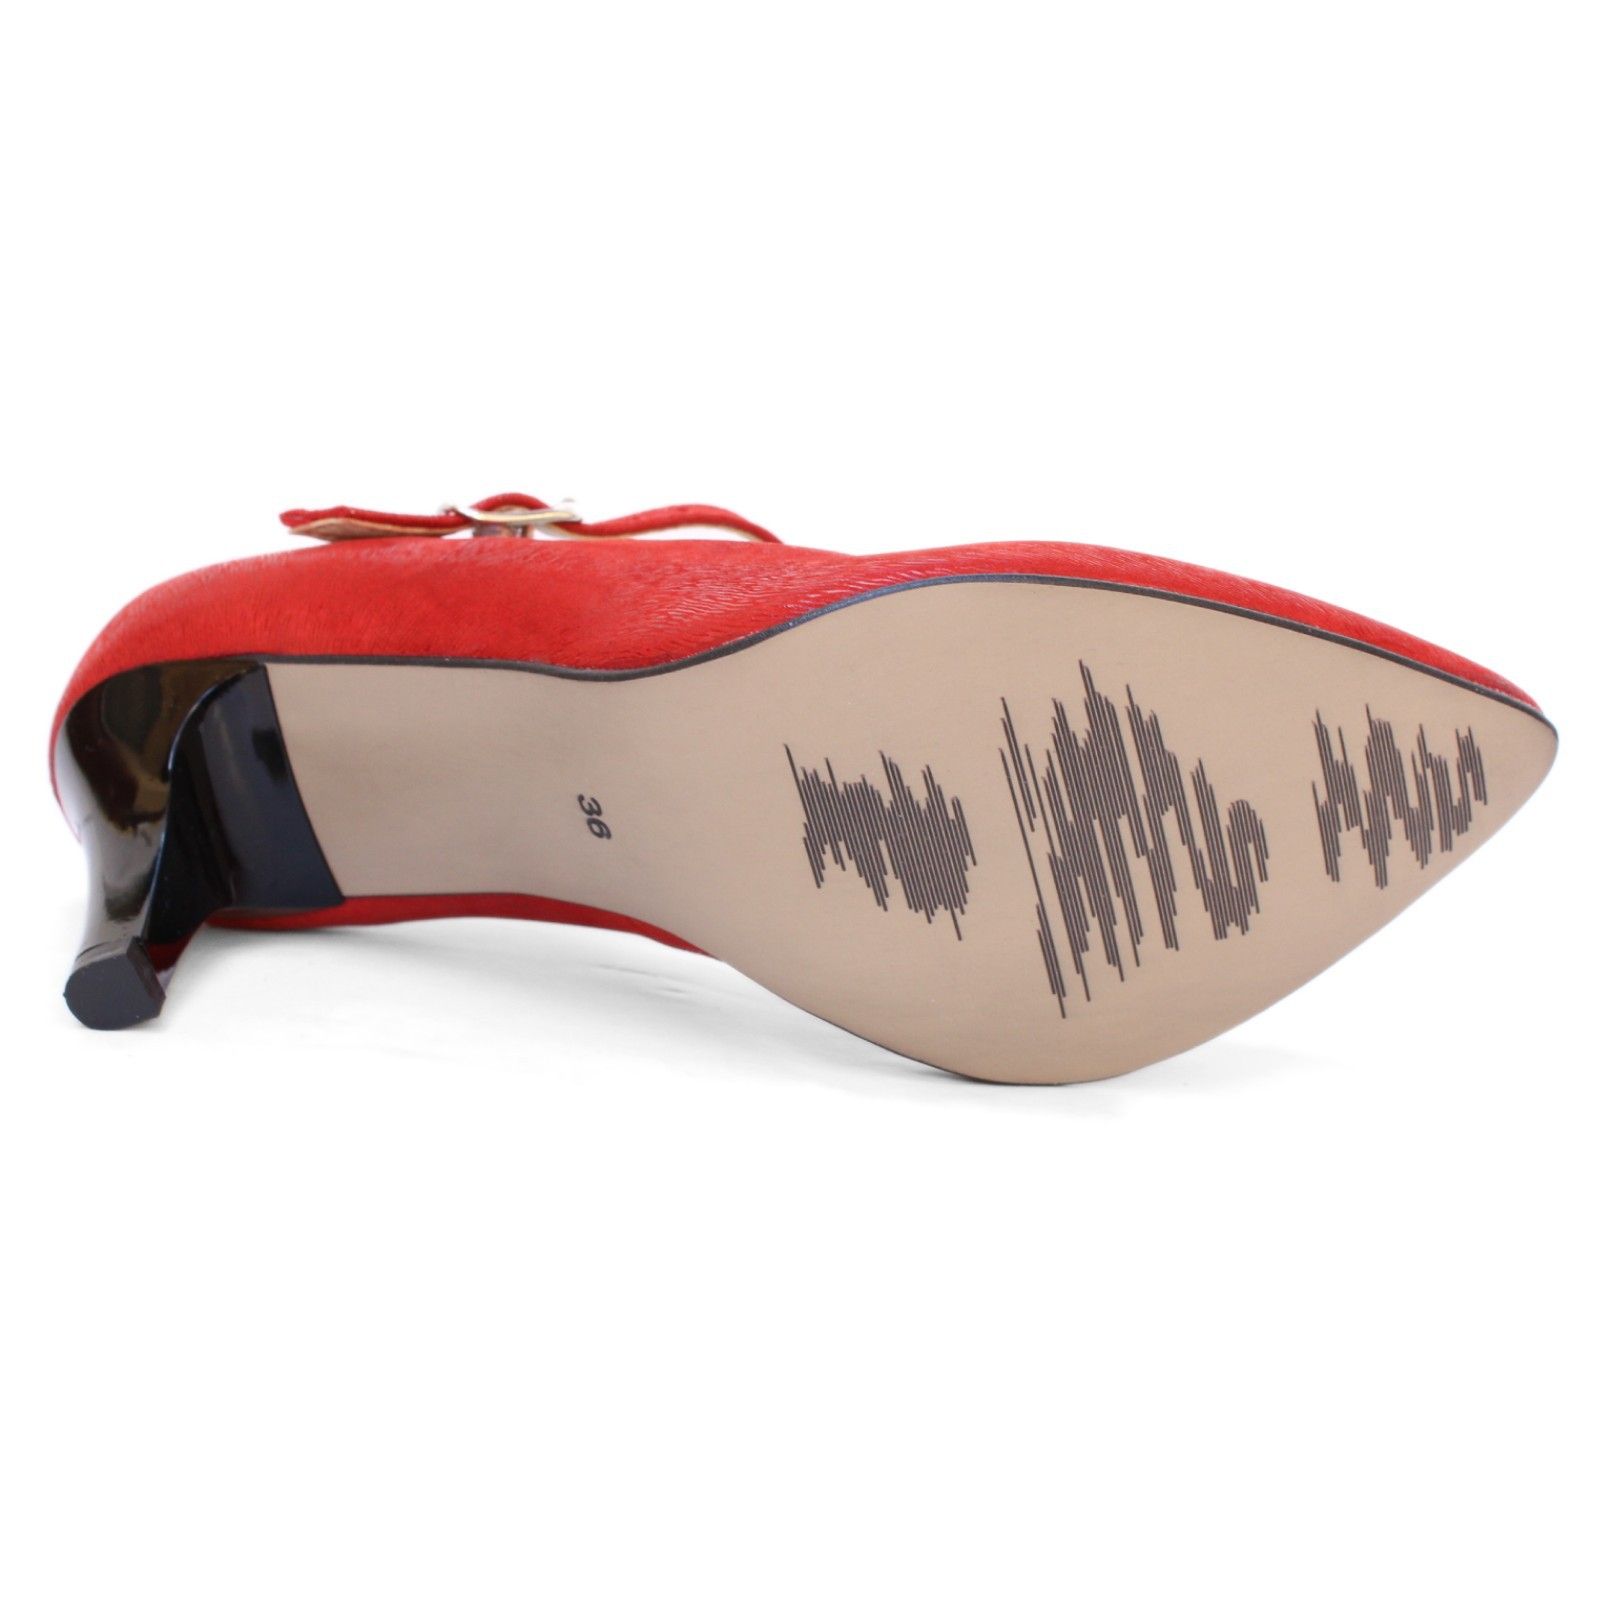 04641 Verdi női pántos pumps 266 Női pumpsbebújós cipő